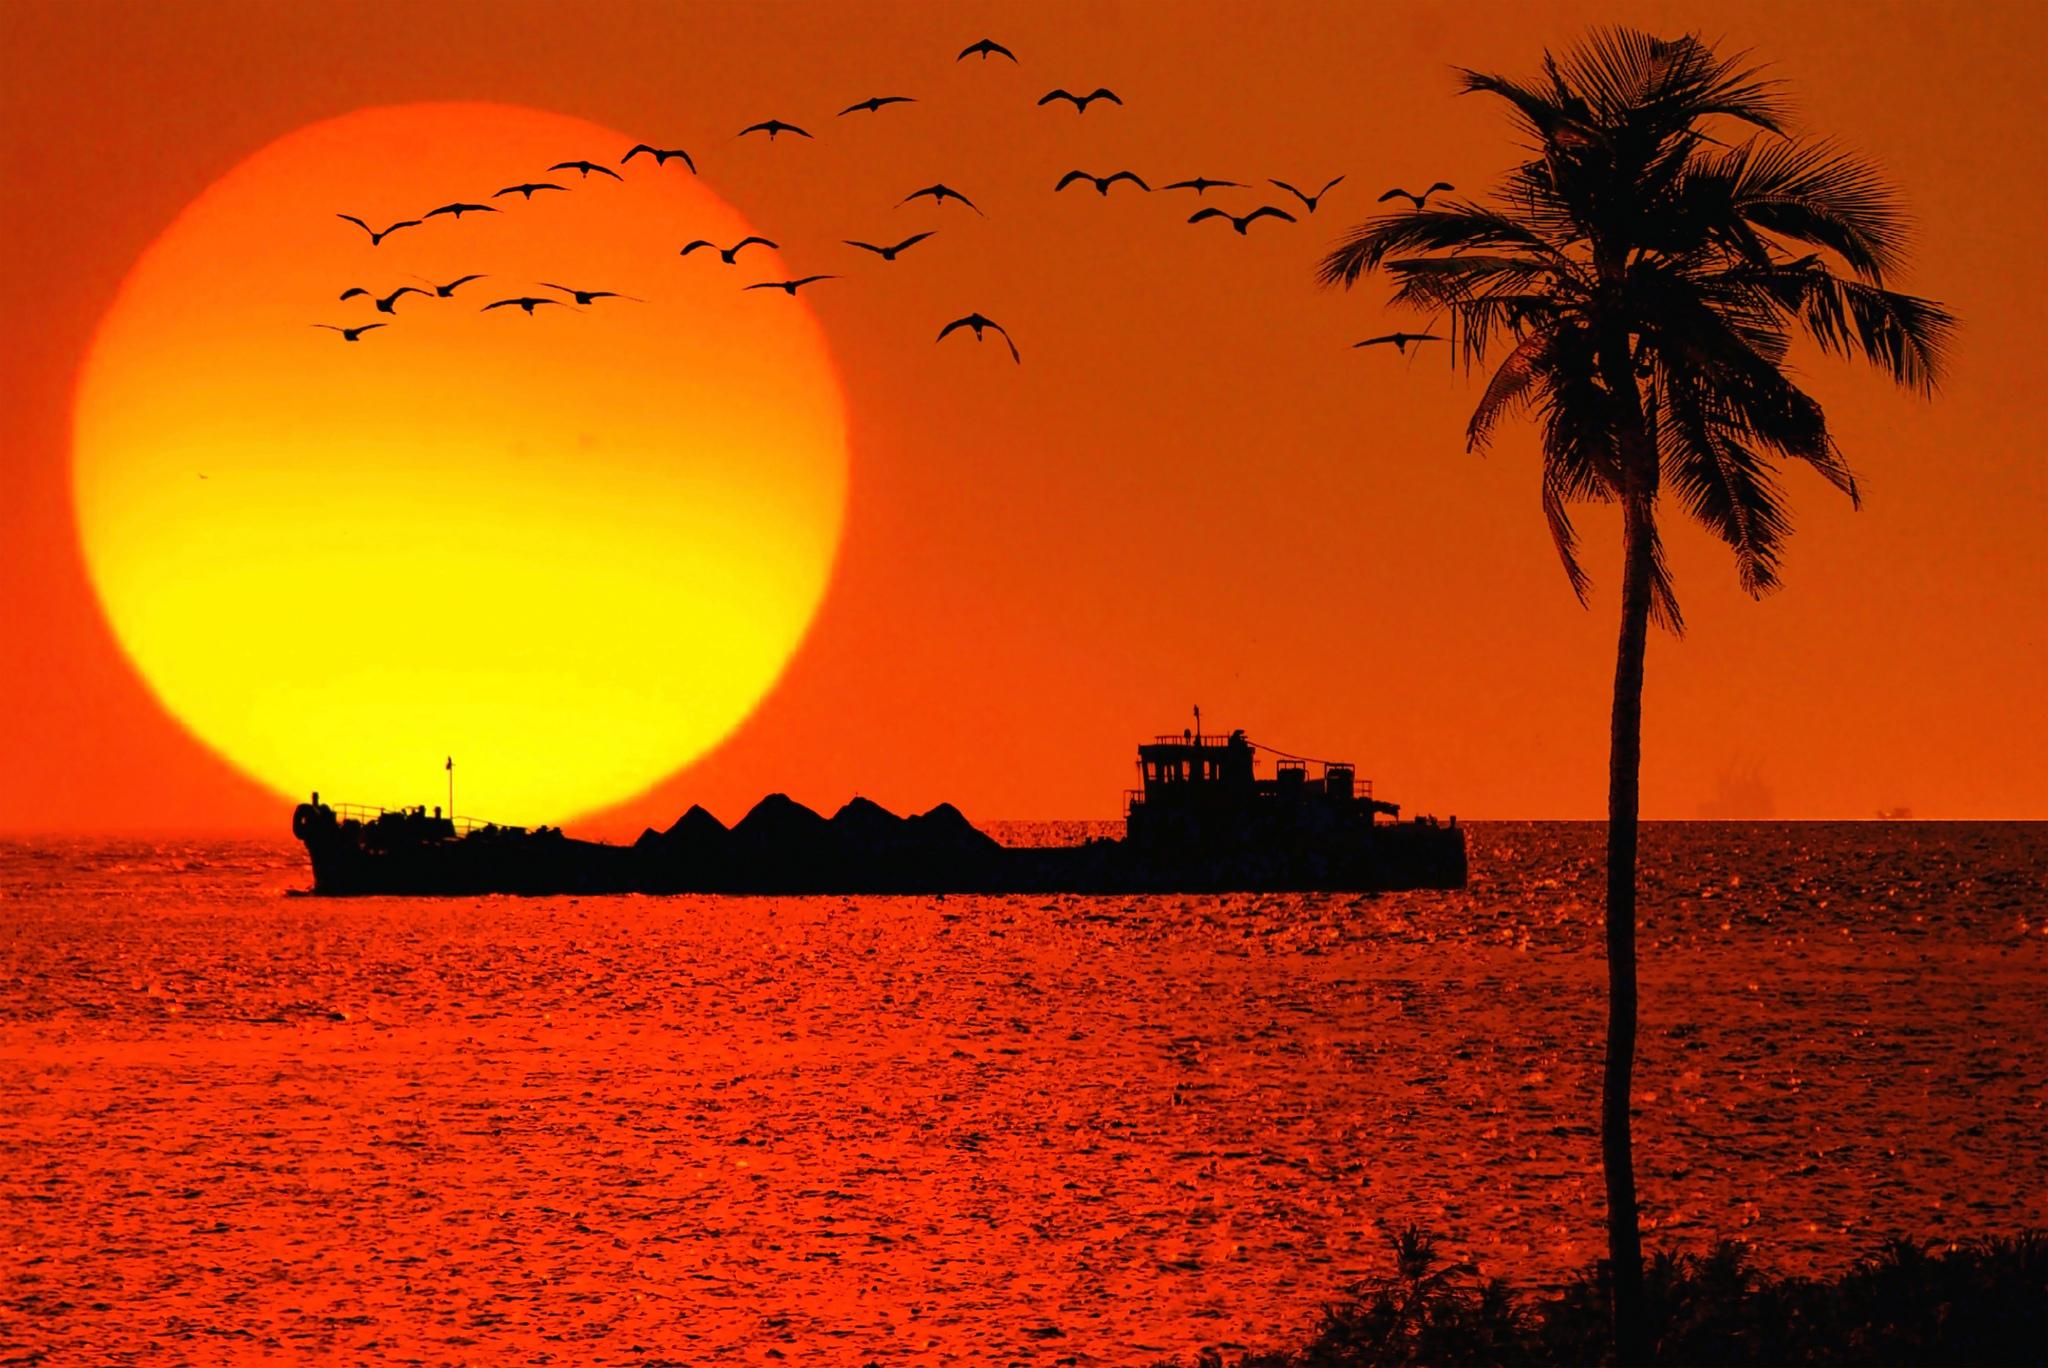 сегодняшний день индийское солнце фотообои ранначан считает